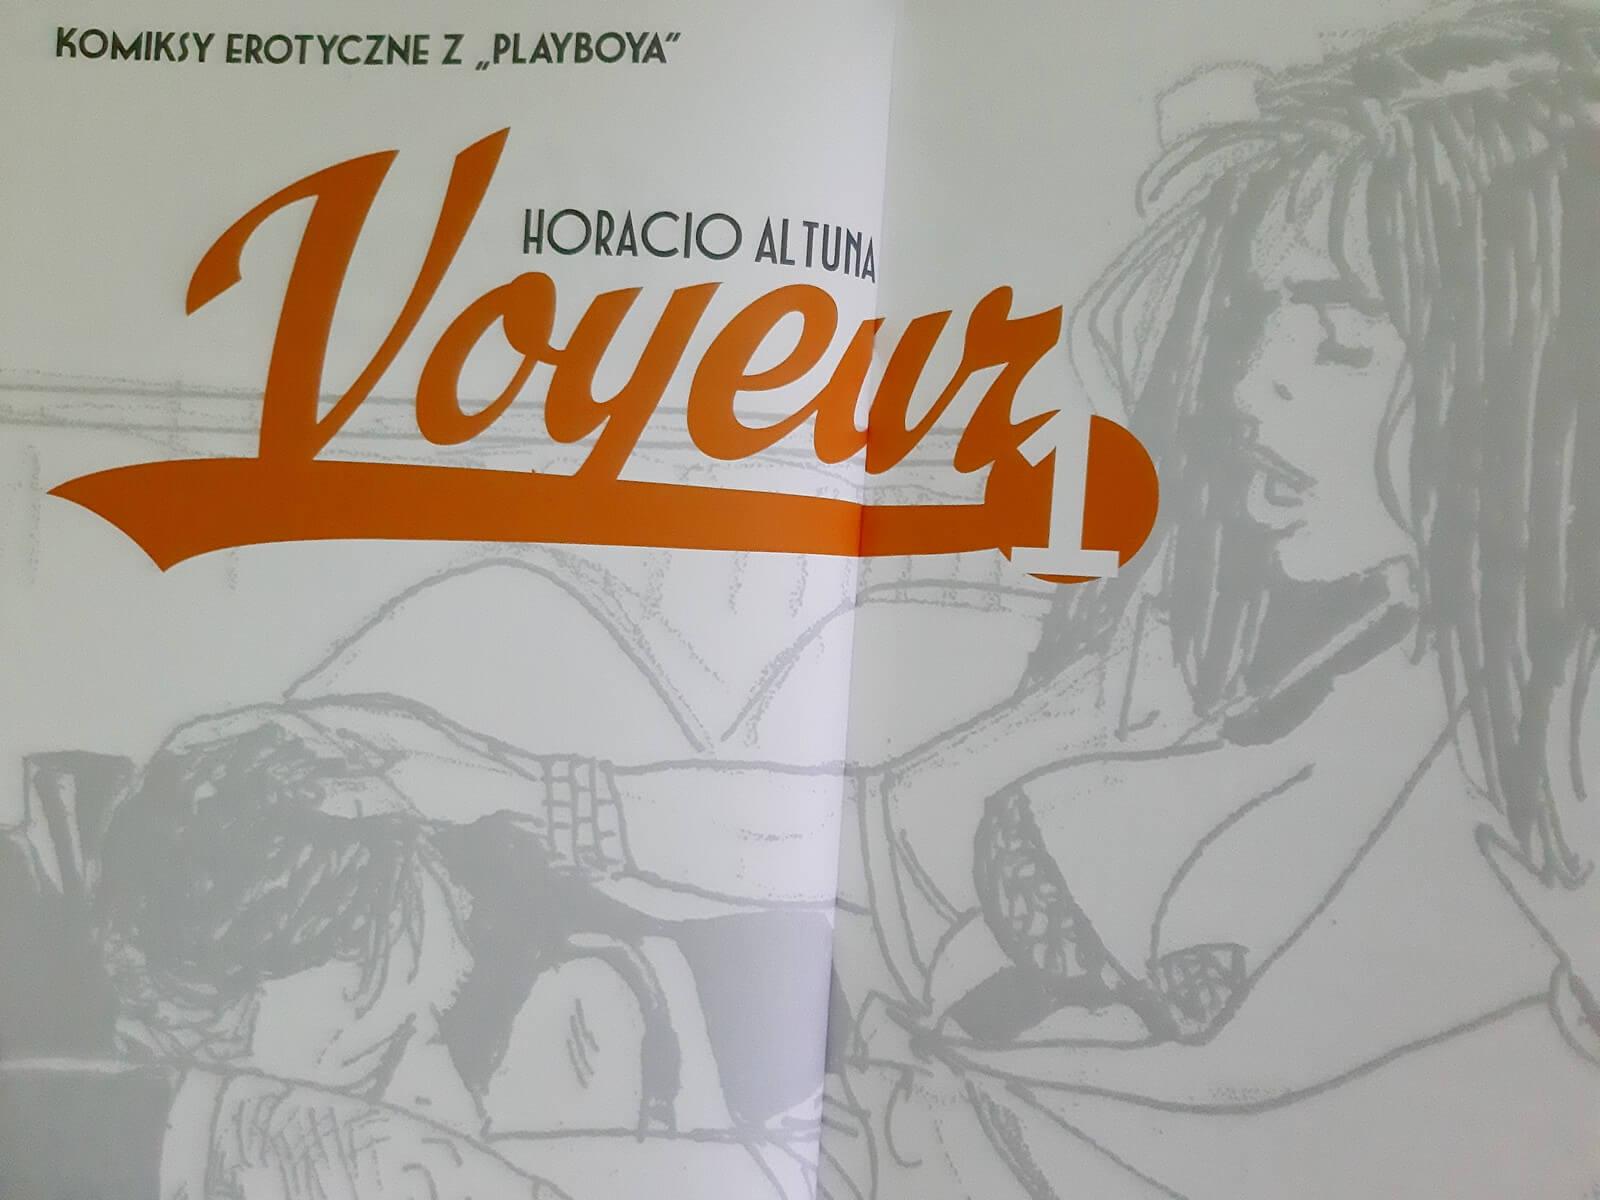 retro komiksy porno